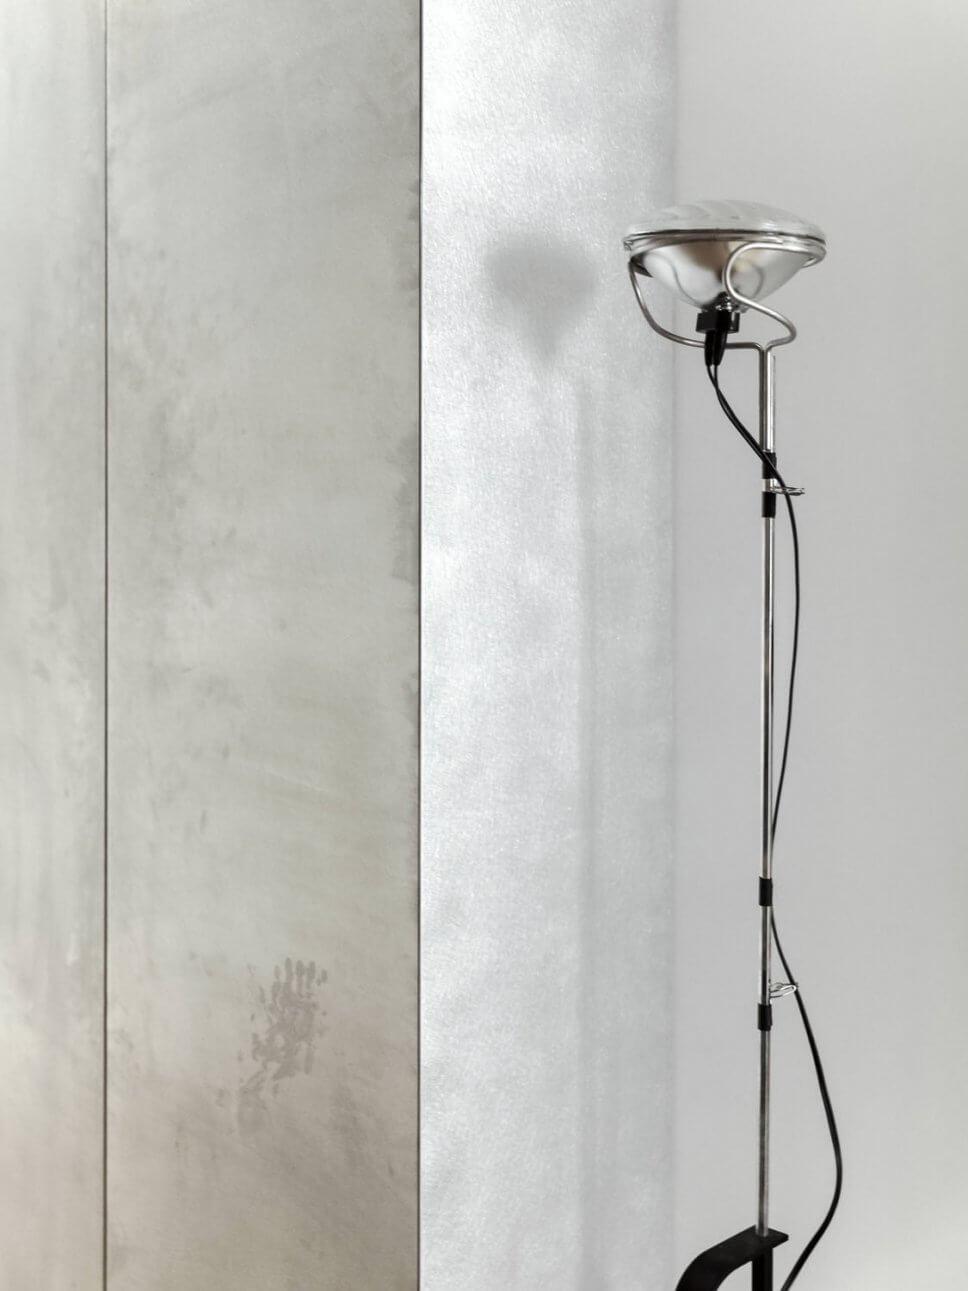 Moderne Stehlampe steht neben Aluminiumschrank